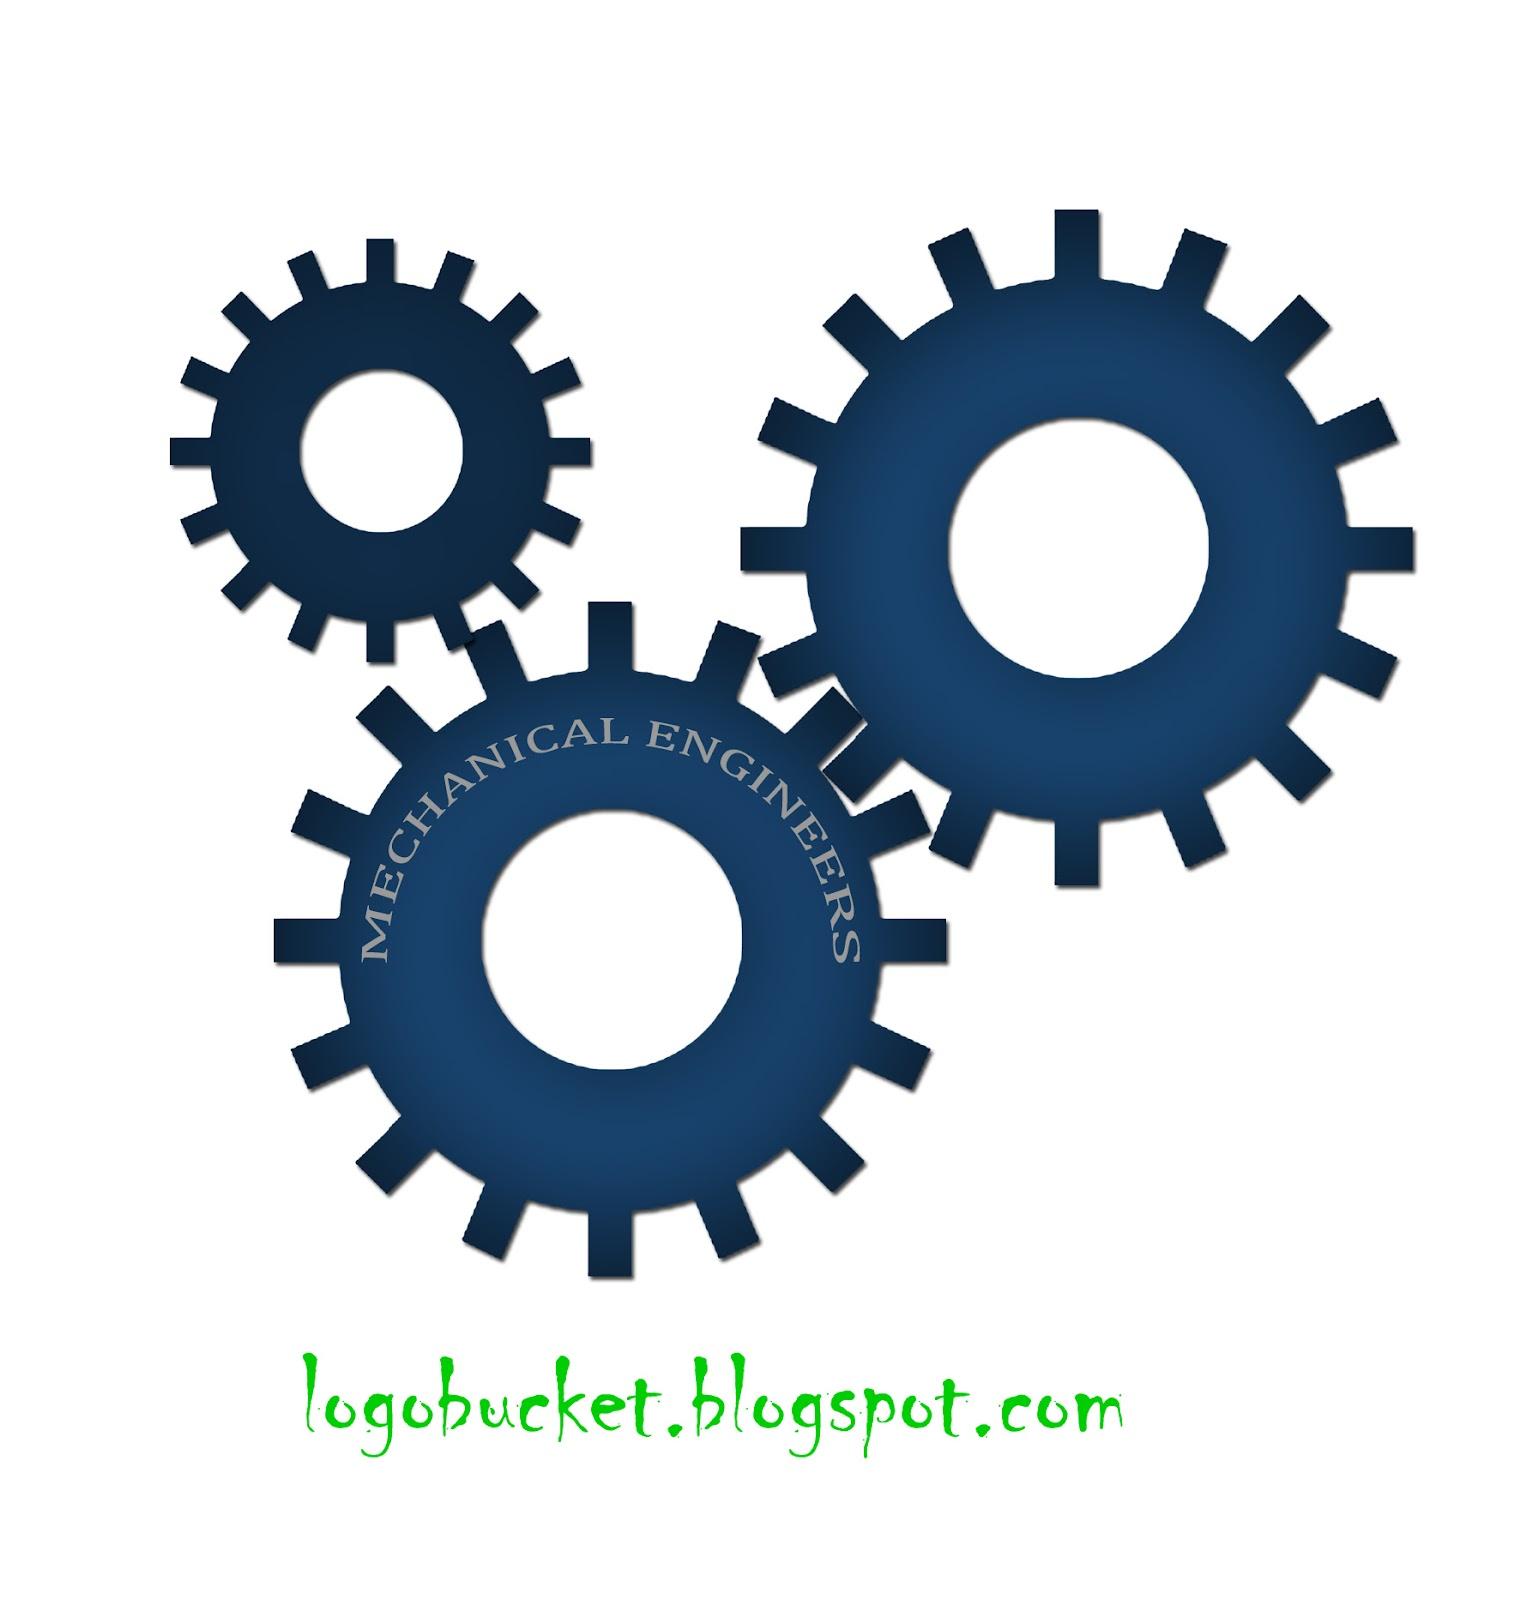 logo bucket gearmech logo 1